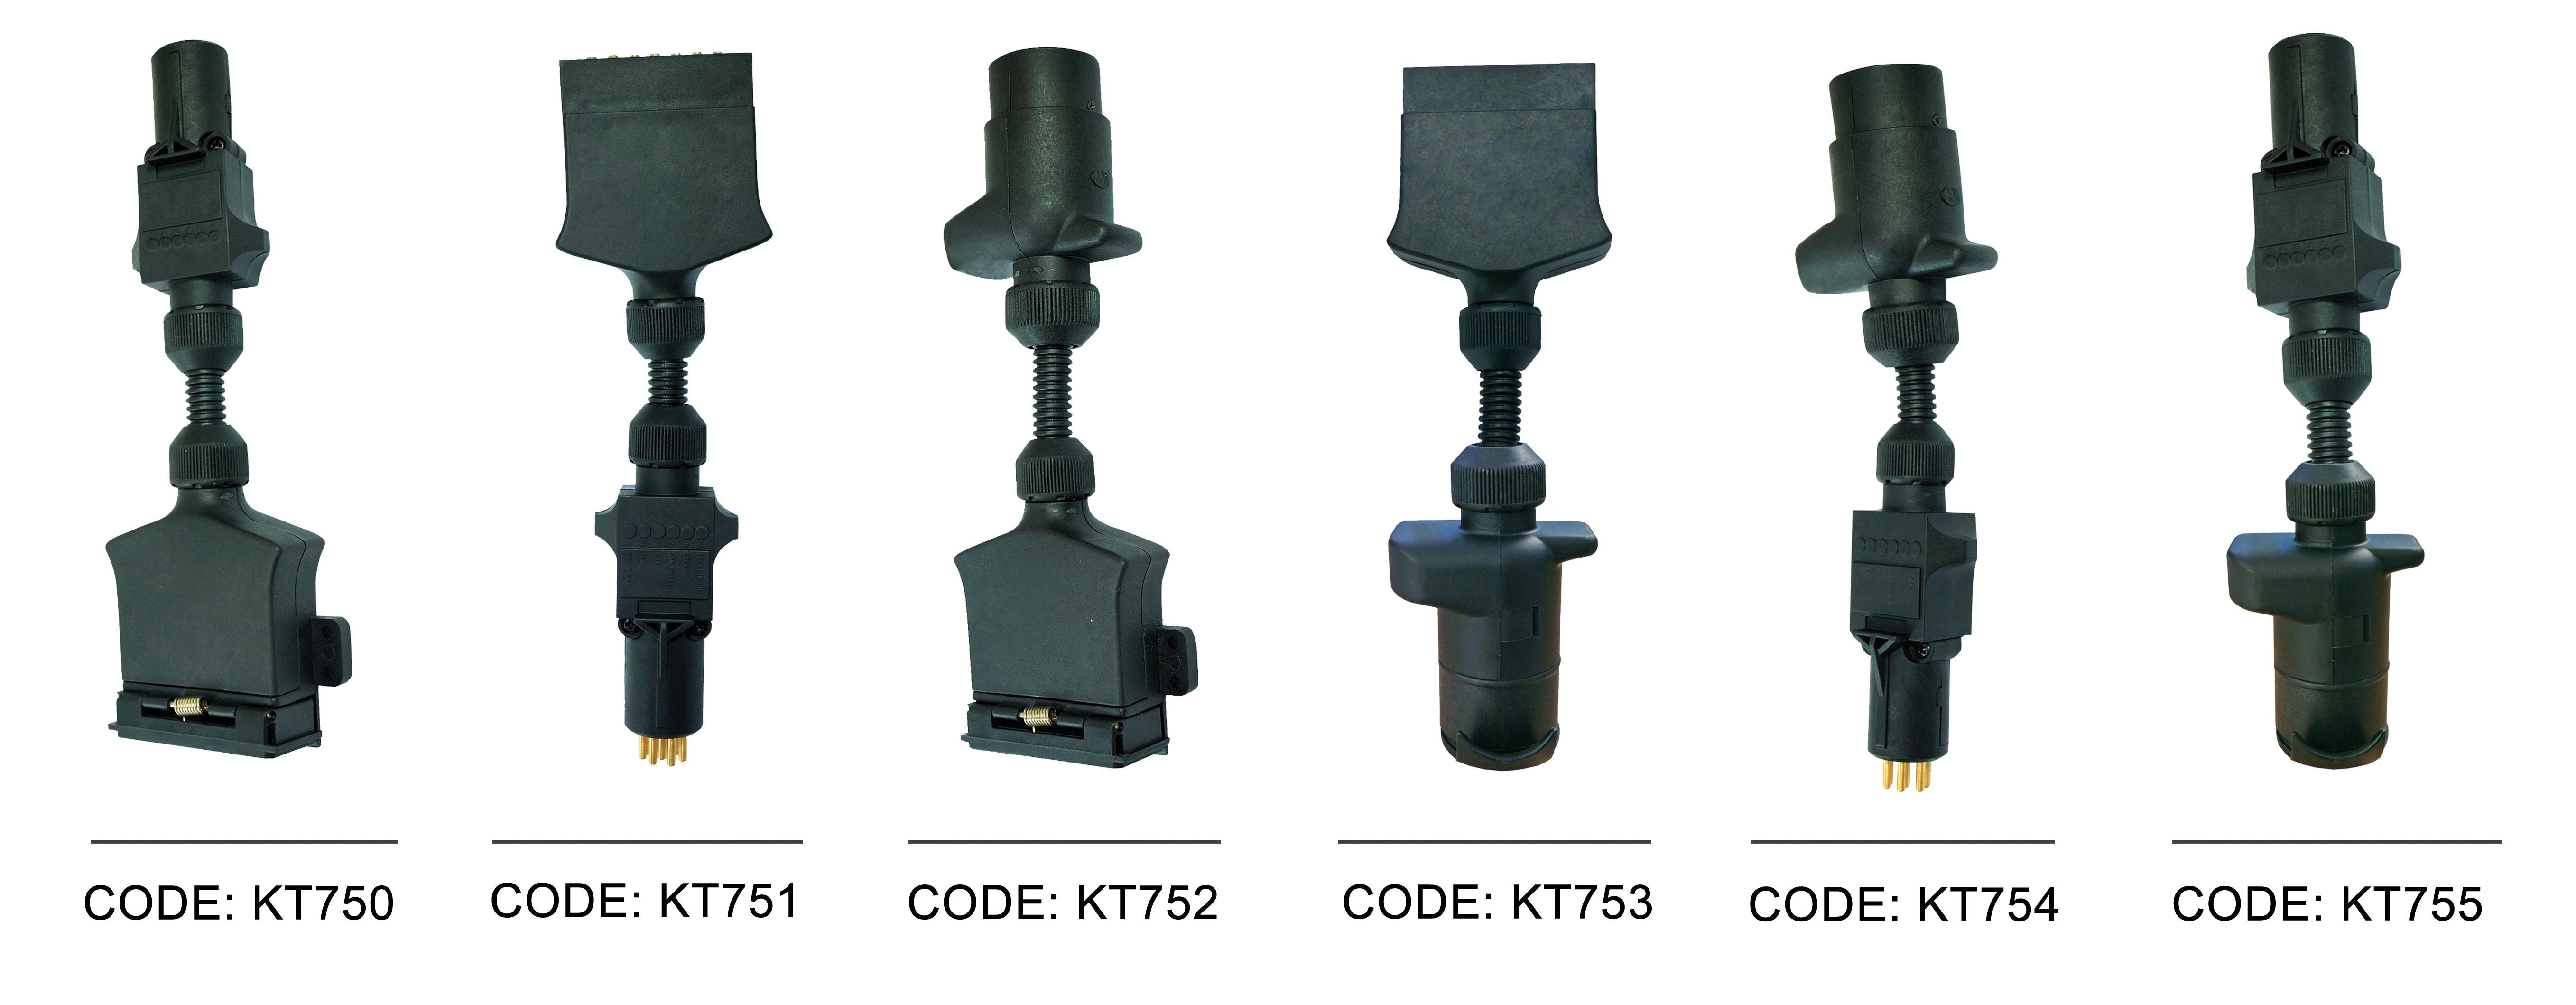 KT Non-Led Adaptor Range